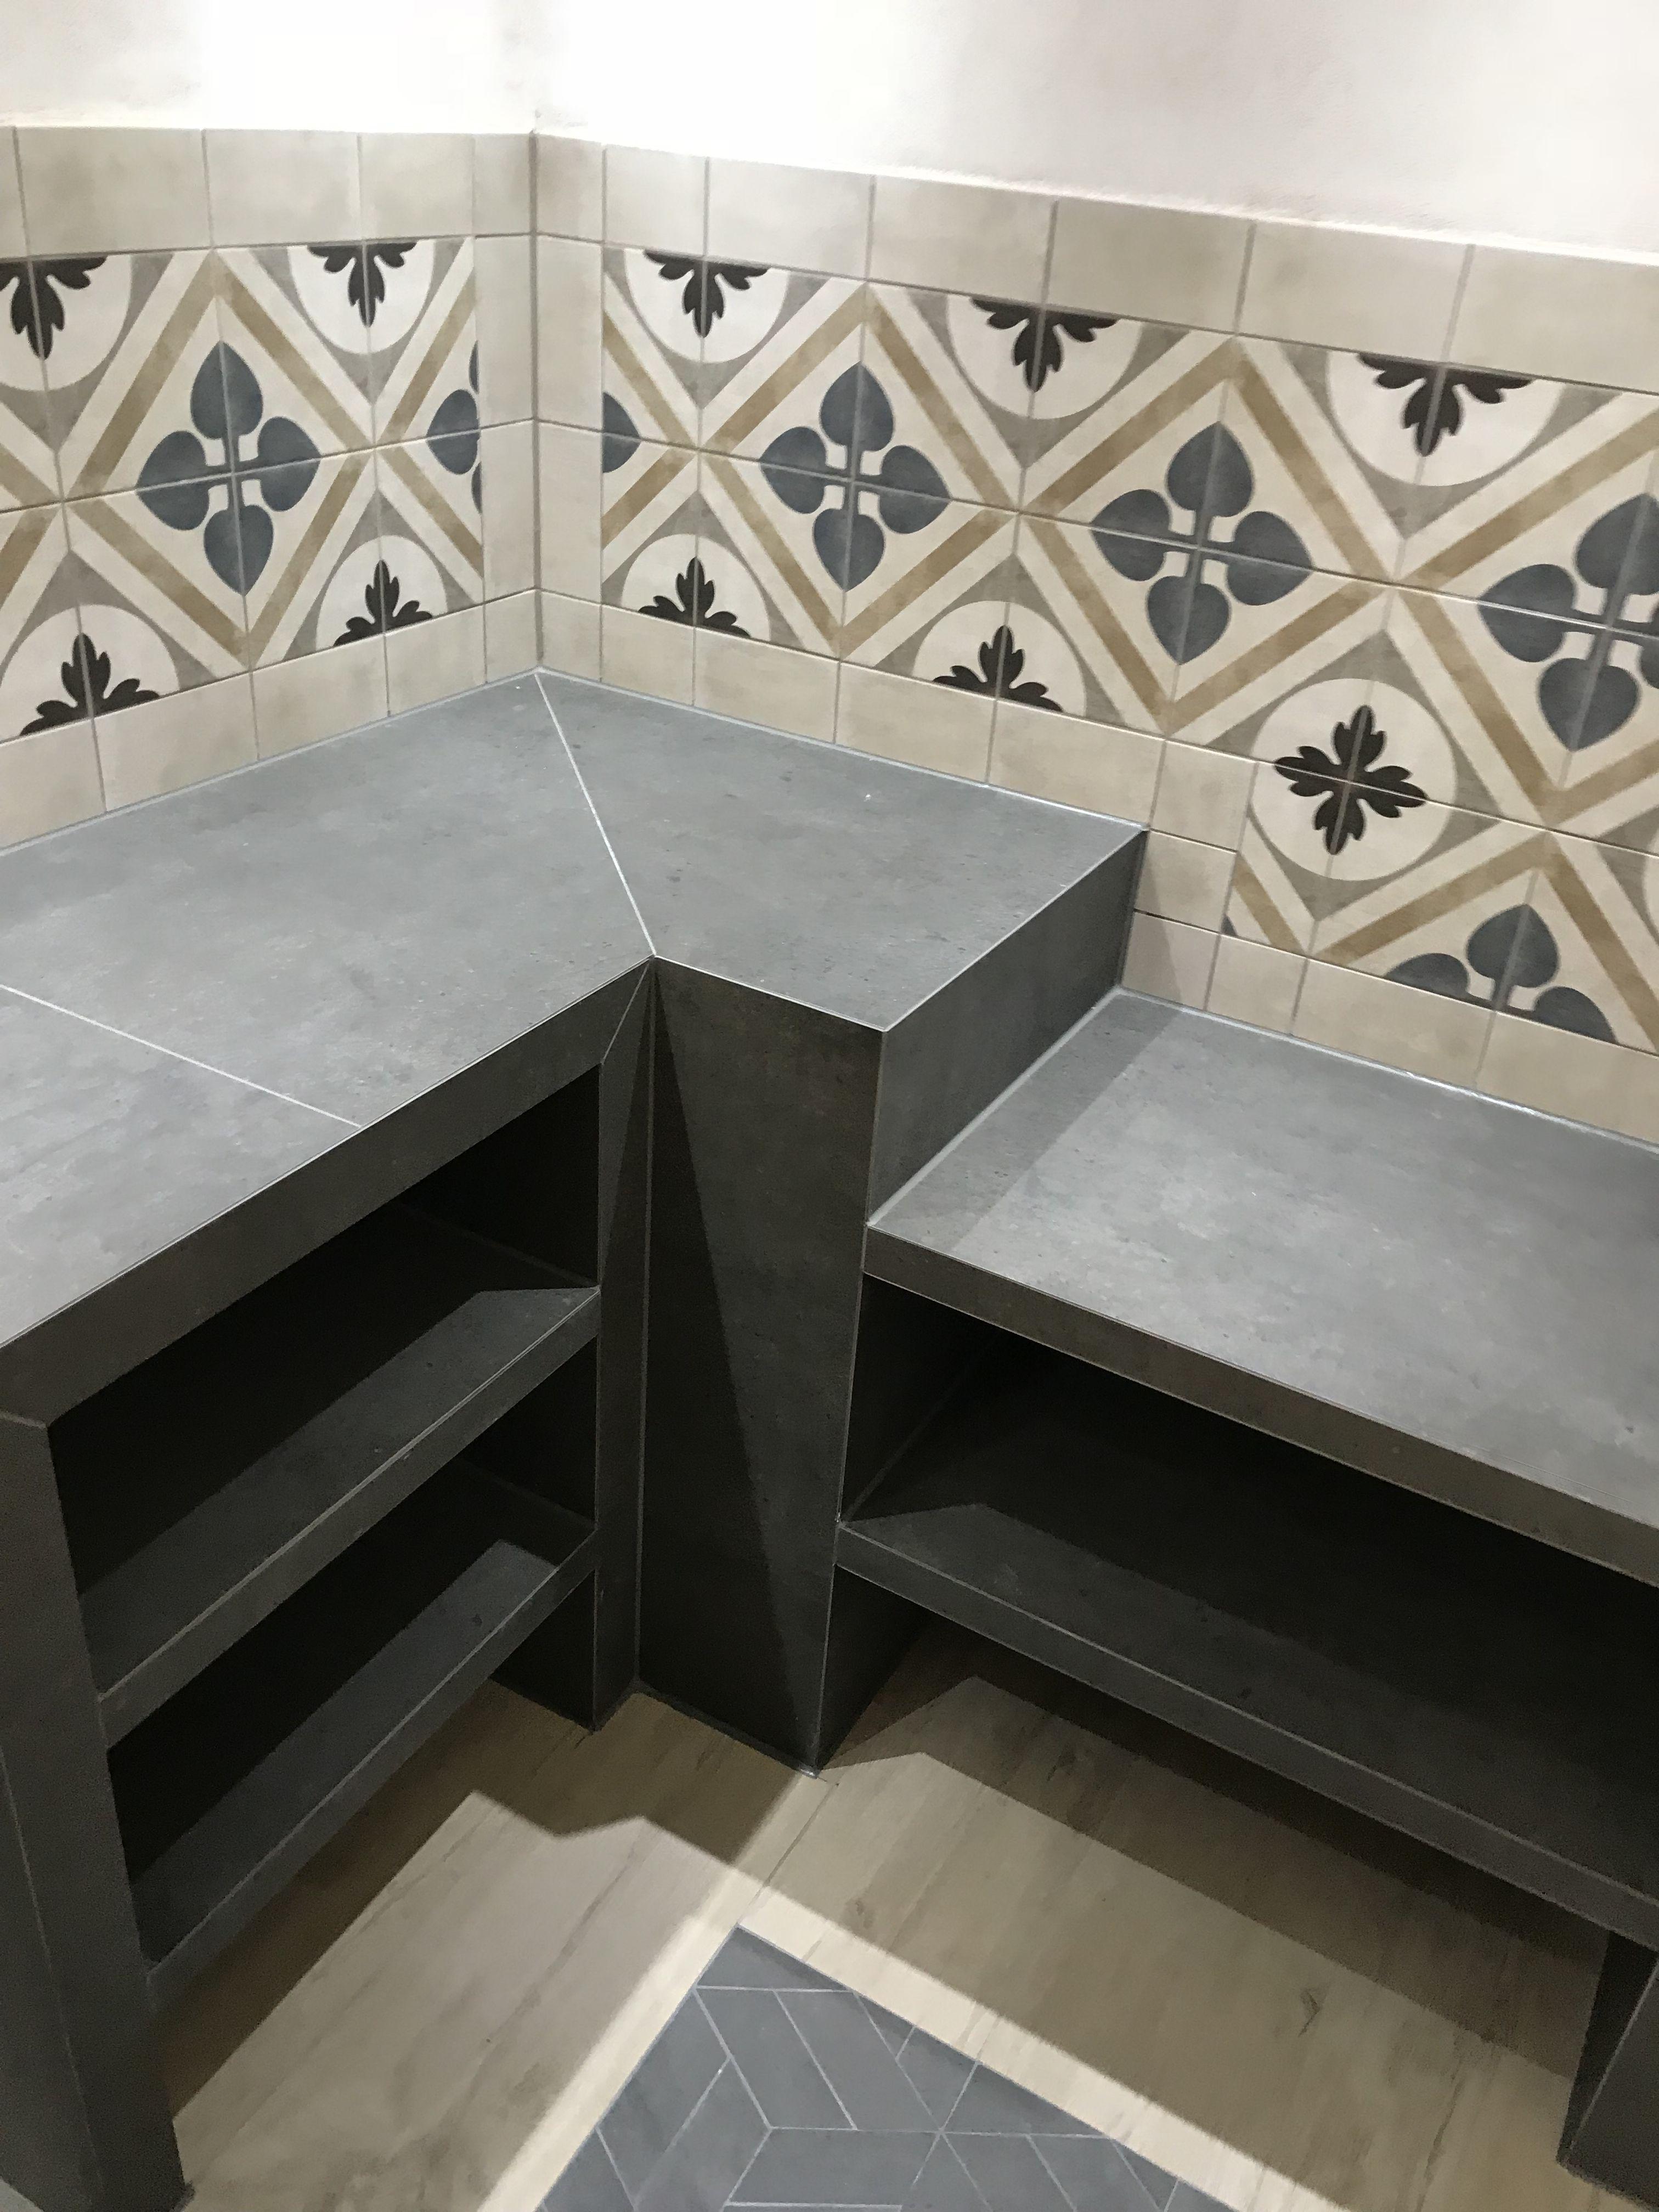 Küchendesign marmor outdoorküche im vintagslook outdoorküche küche außenküche kochen